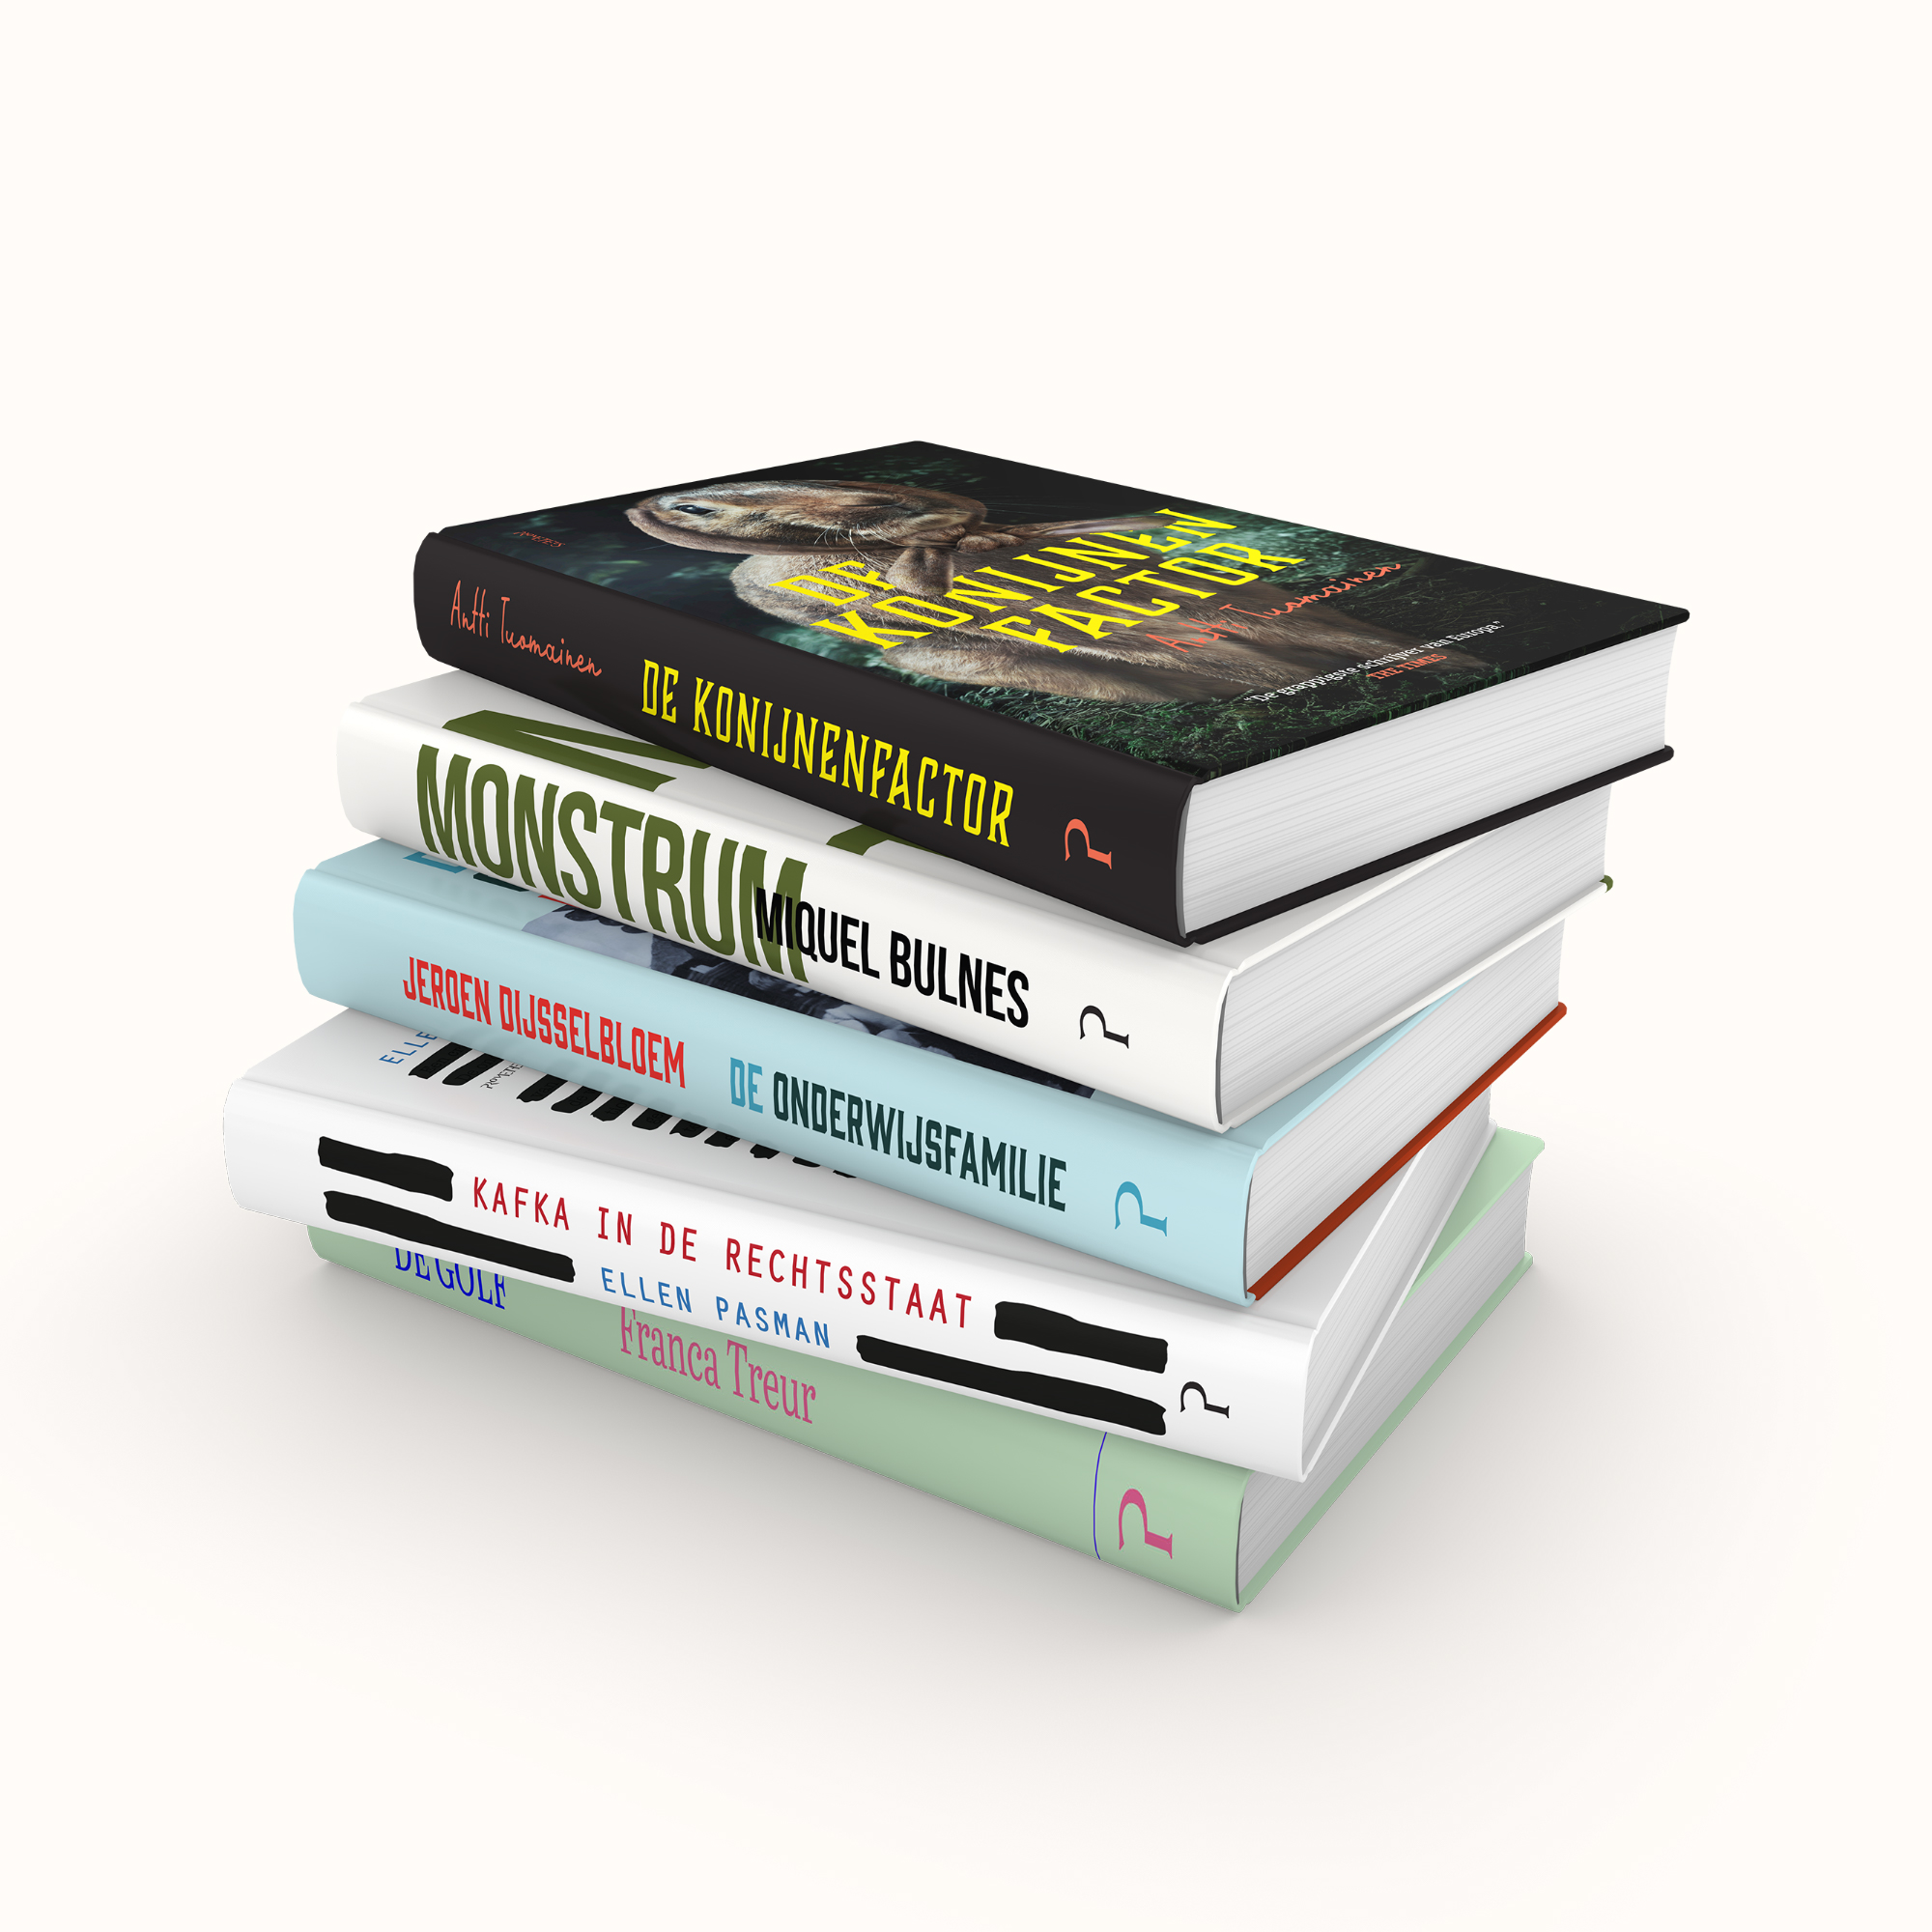 grafisch ontwerp - boekomslagen - illustrator